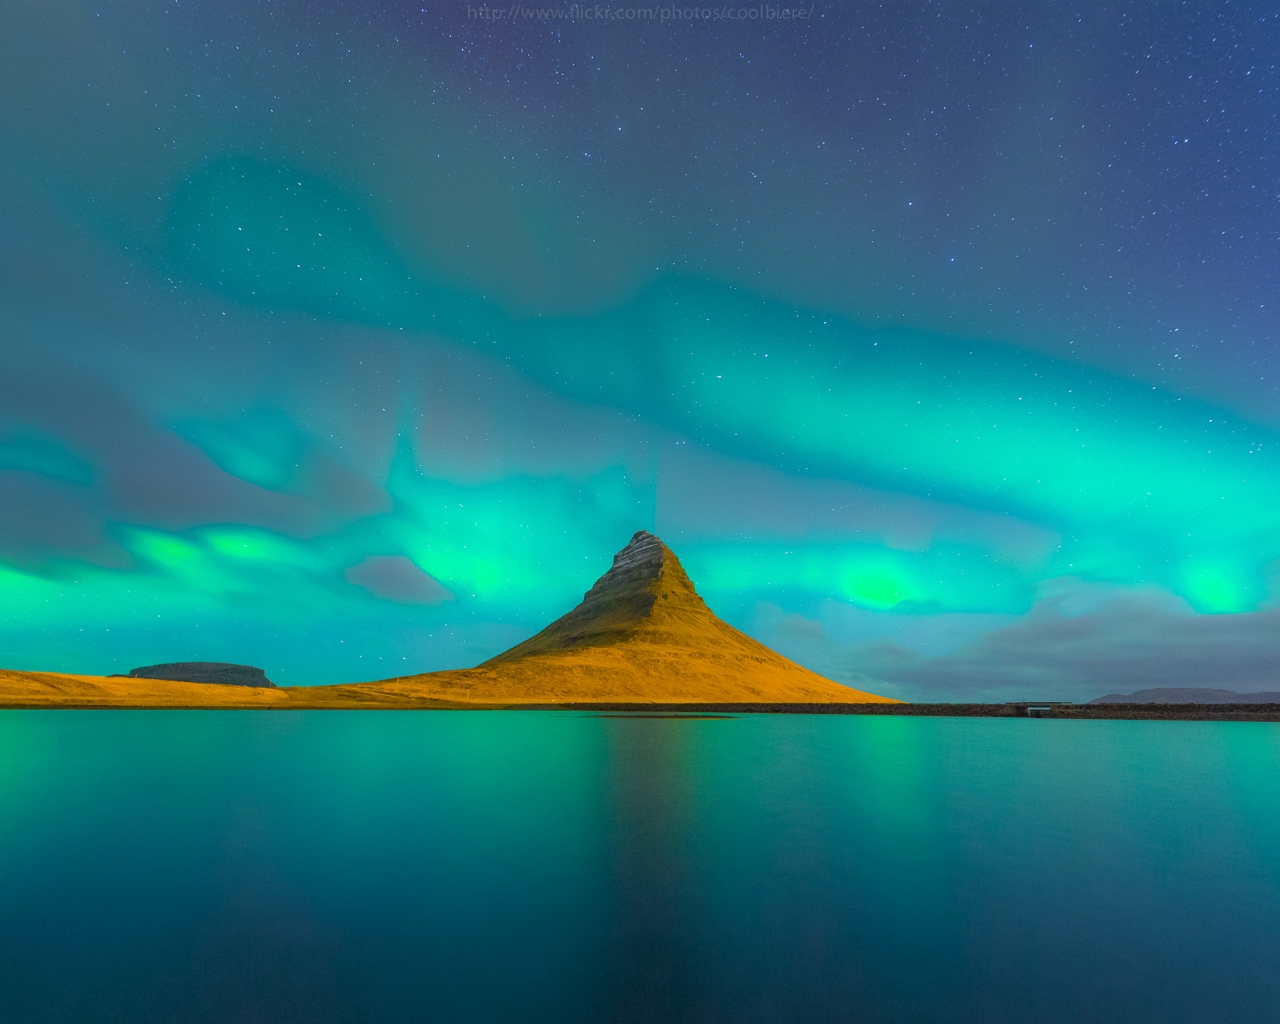 Un cielo espectacular - 1280x1024